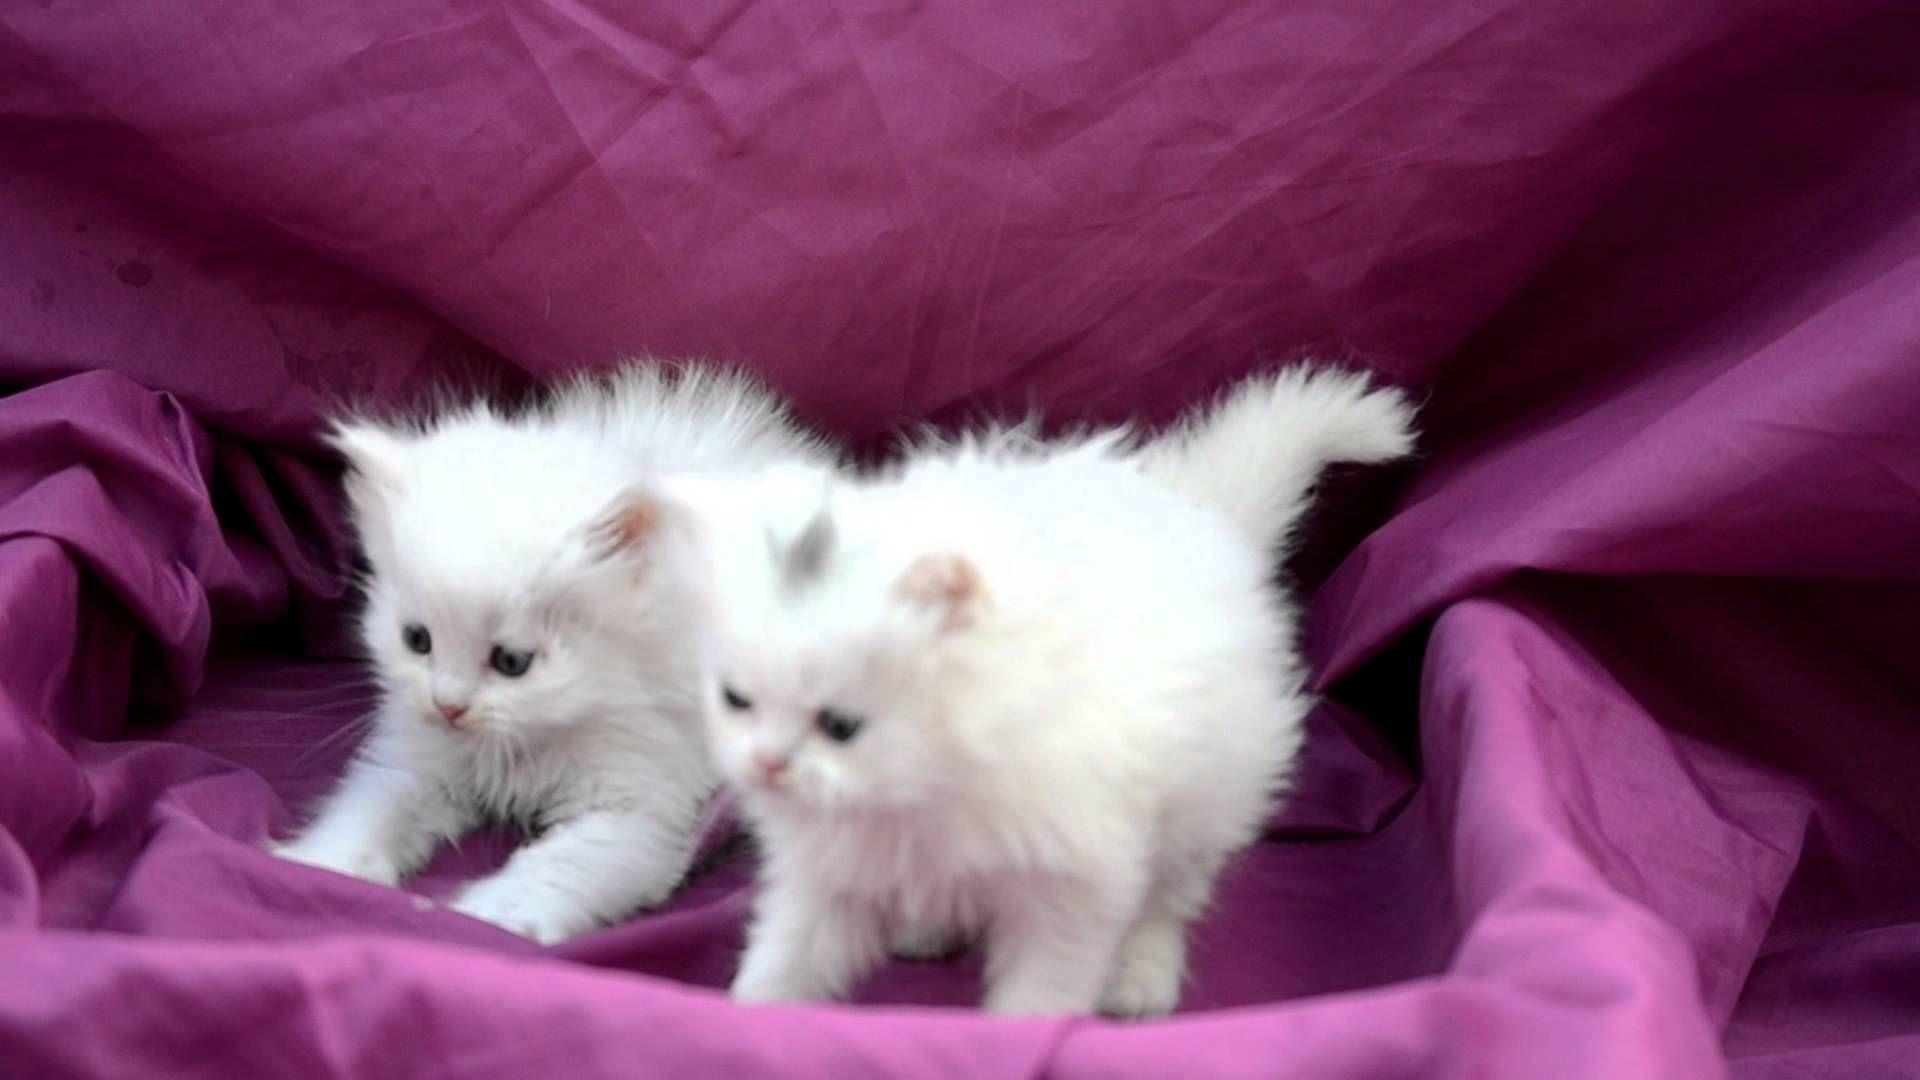 للبيع قطط صغيره بيكي فيس وهاف للبيع 33 يوم Bb 2b0e9577 قطط حسن Youtube Cute Cats Animals Cats